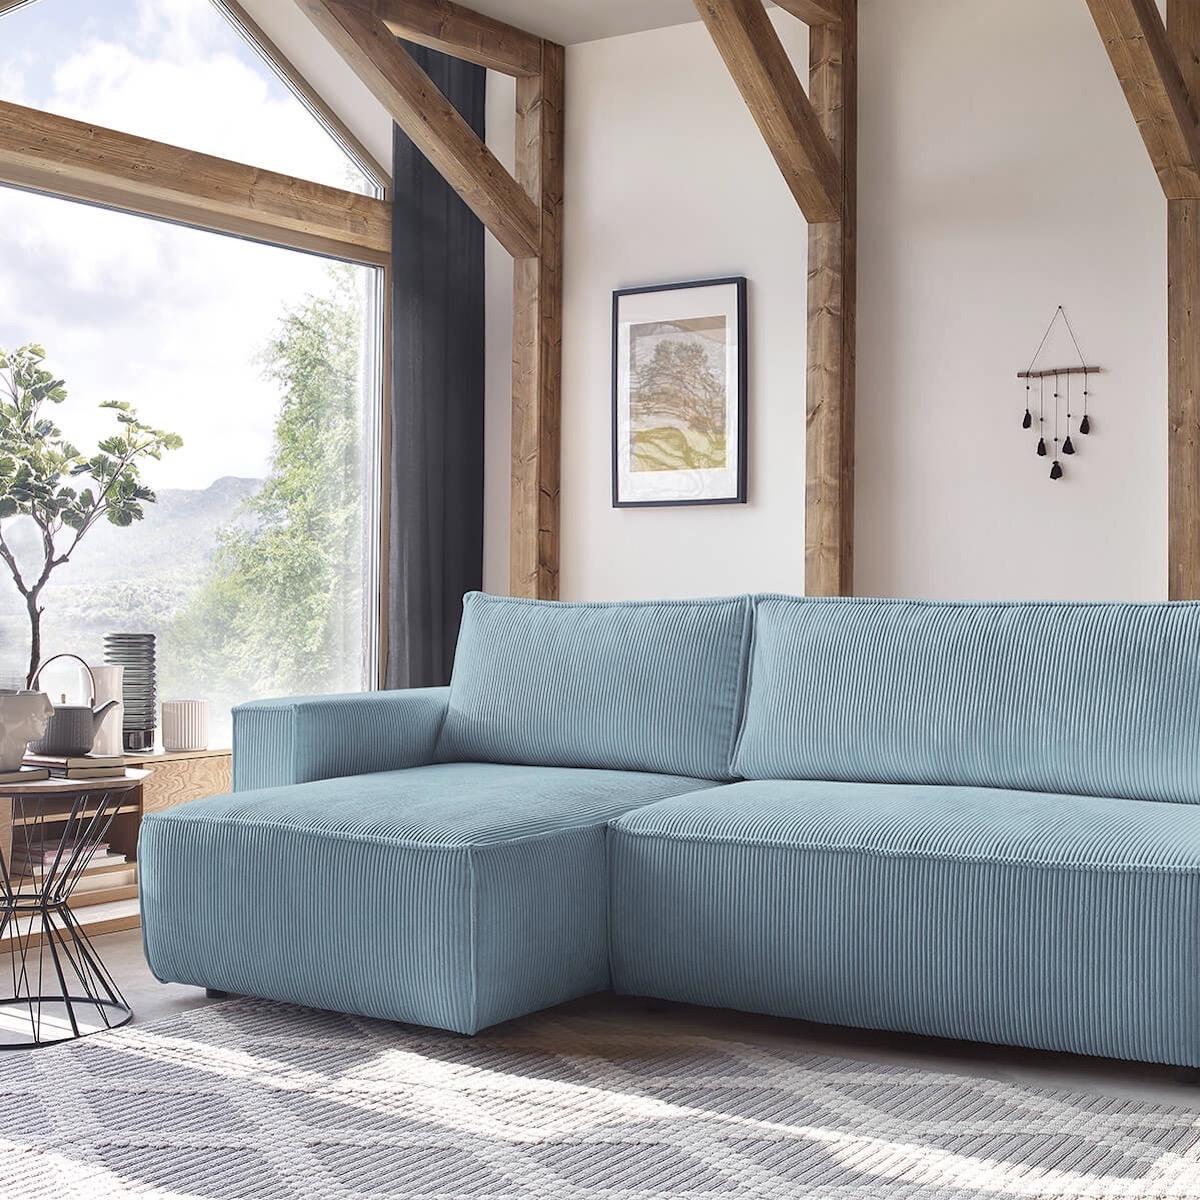 canapé d angle réversible bleu velours côtelé bobochic paris - blog déco - clemaroundthecorner